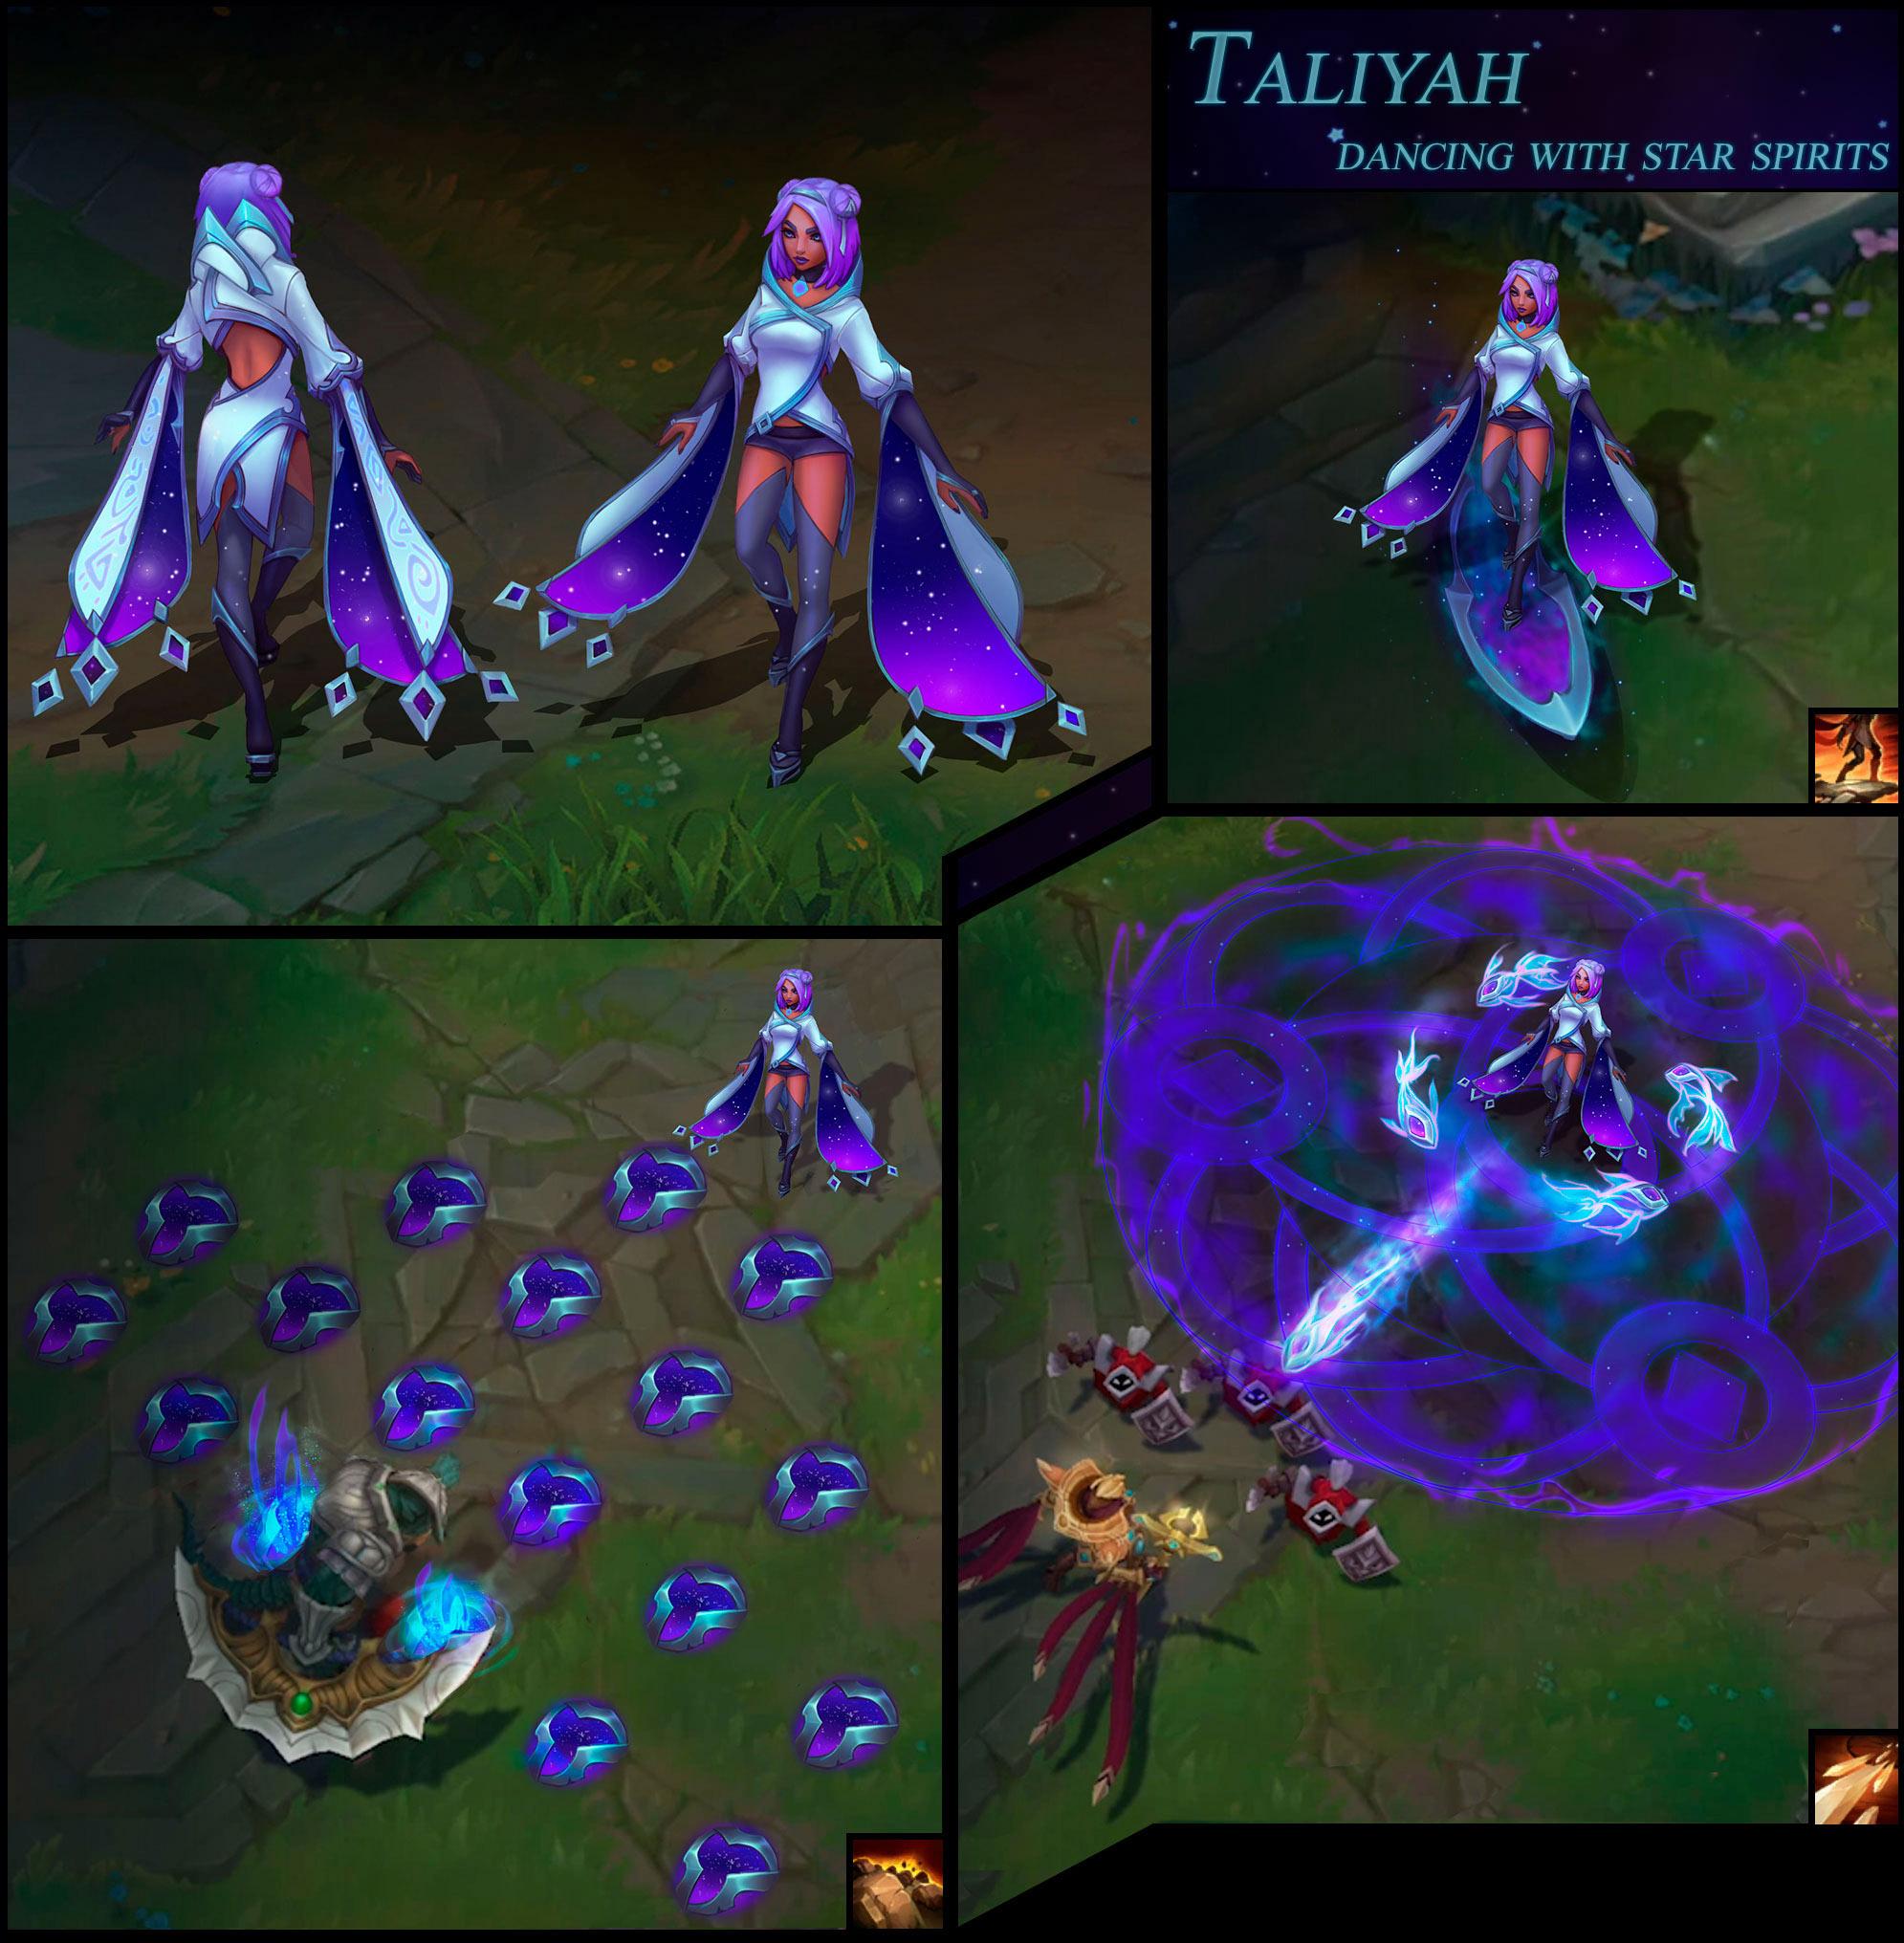 Taliyah-4.jpg (1991×2032)